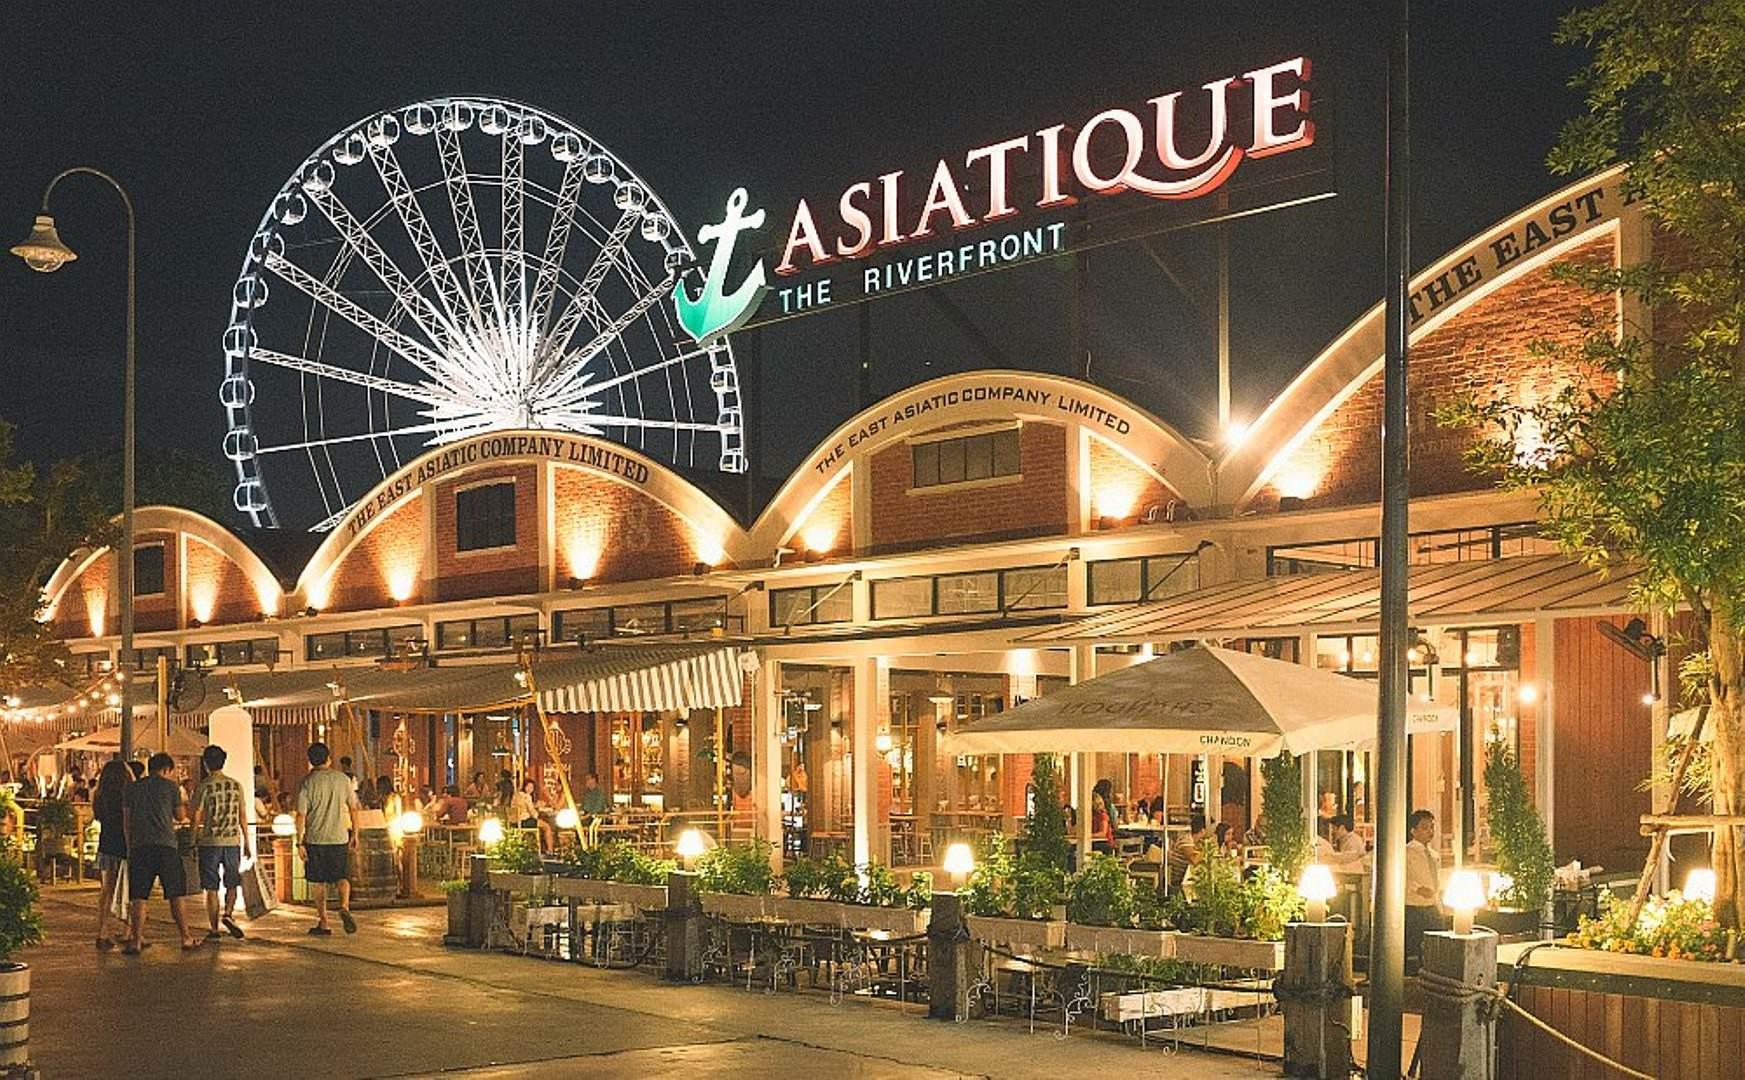 【泰國夜市】曼谷 9 大熱門夜市推薦,快找出最適合你的特色夜市吧!